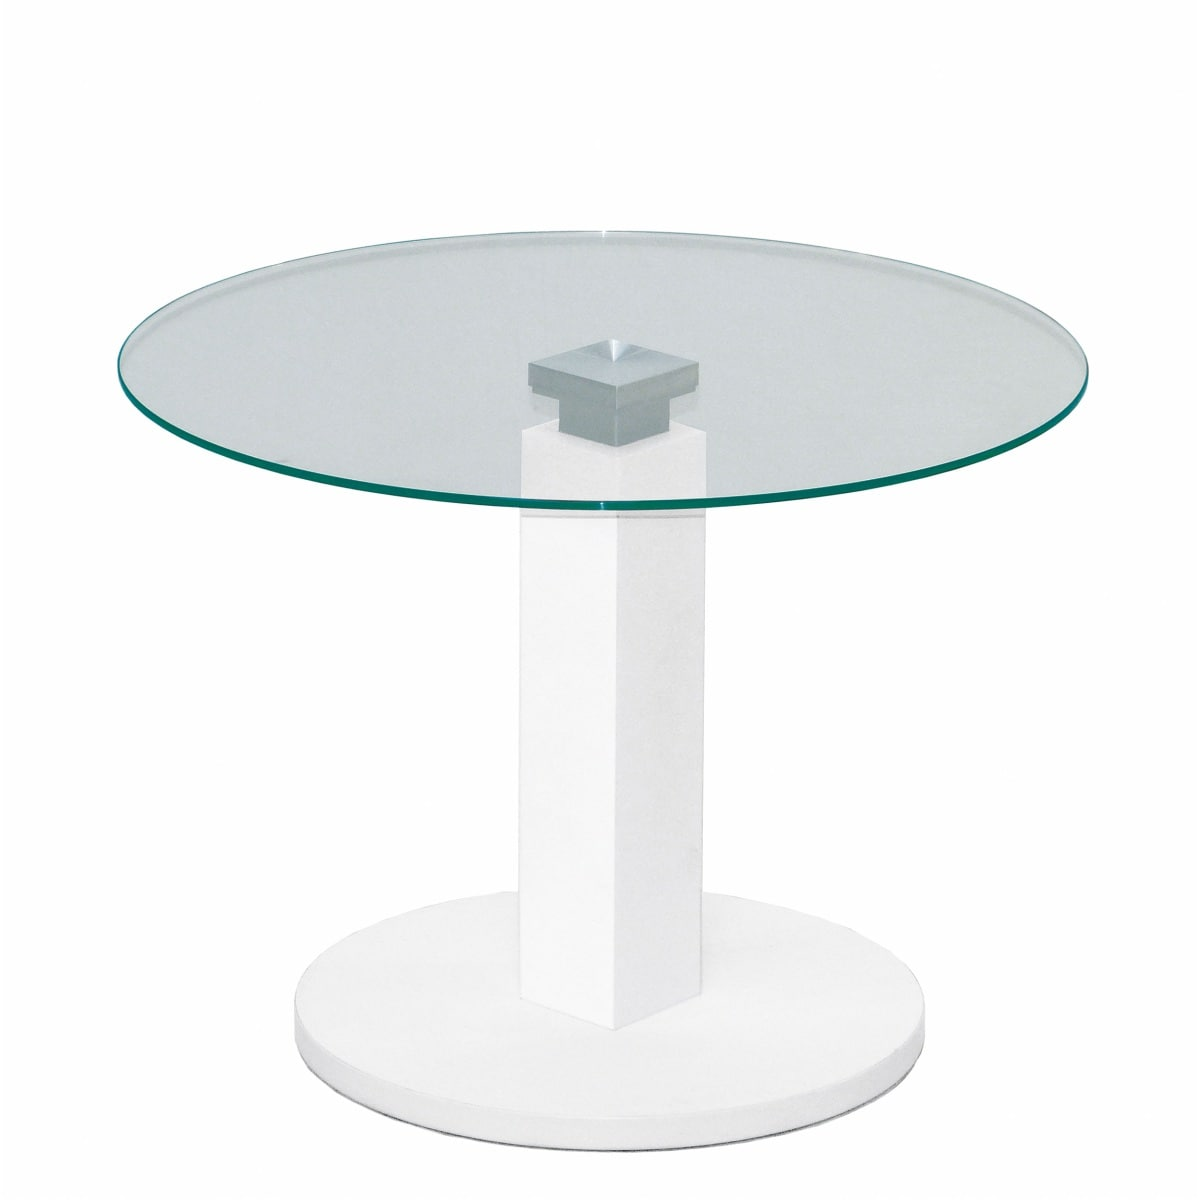 Couchtisch Glas weiß  Couchtische & Beistelltische